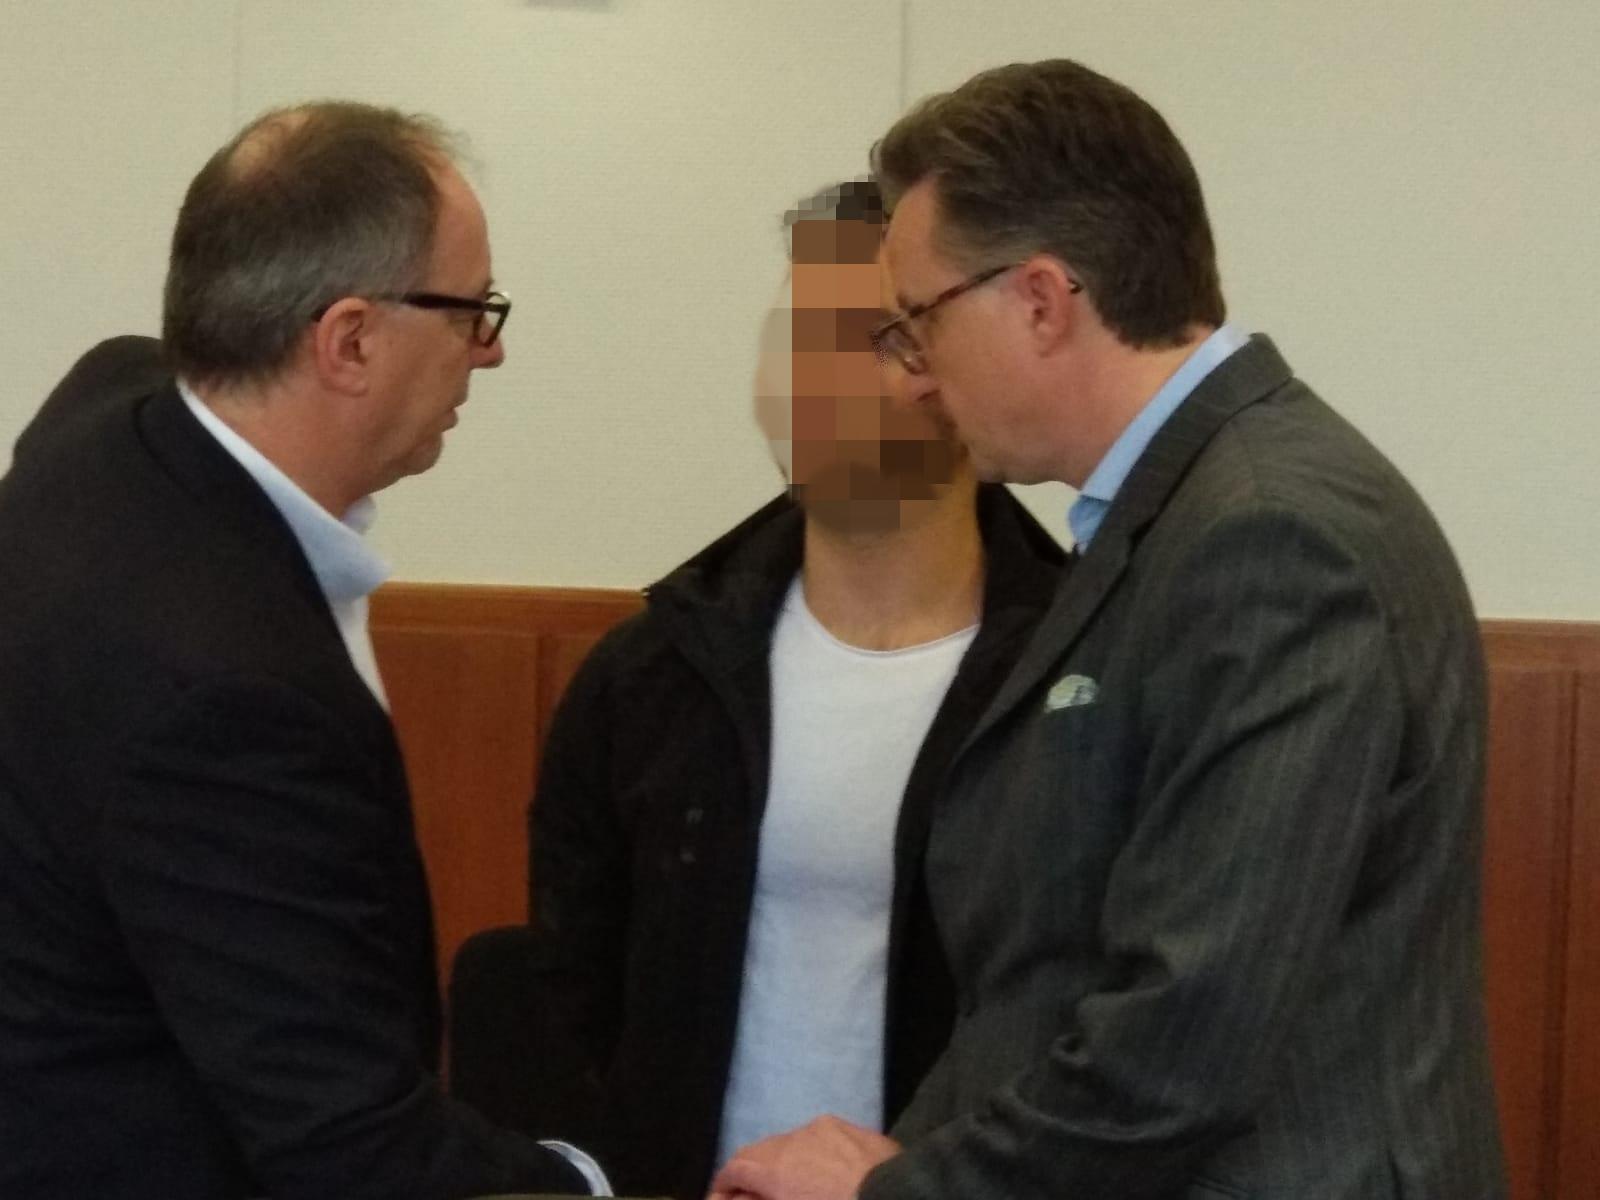 Verurteilung wegen gefährlicher Körperverletzung: Levan O. (22) muss für drei Jahre ins Gefängnis